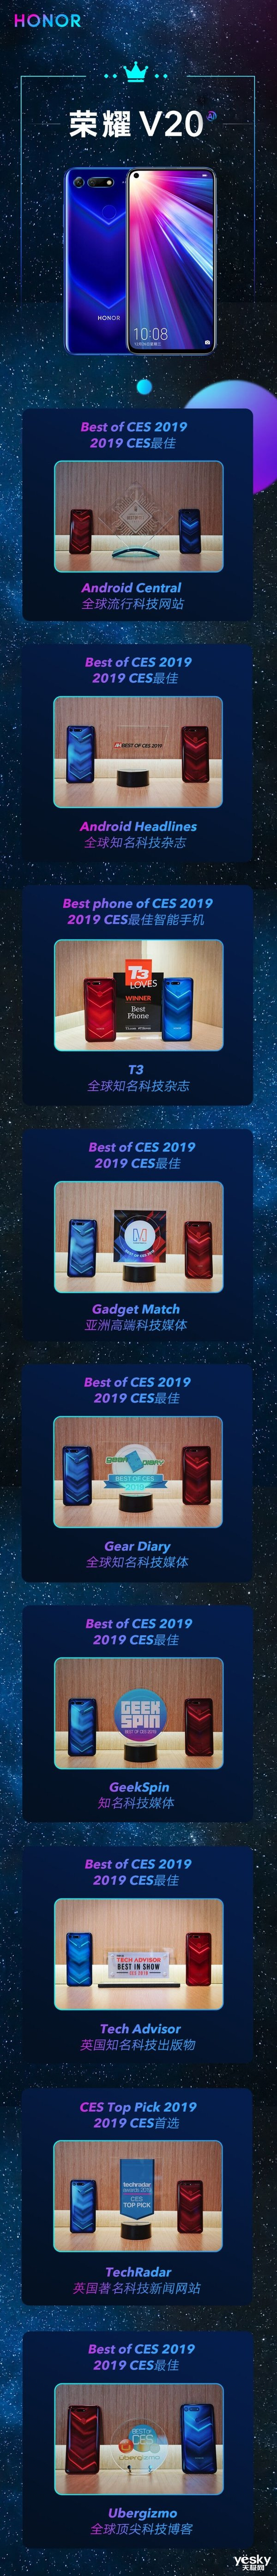 2019 CES荣耀V20走红,再捧11项海外媒体大奖